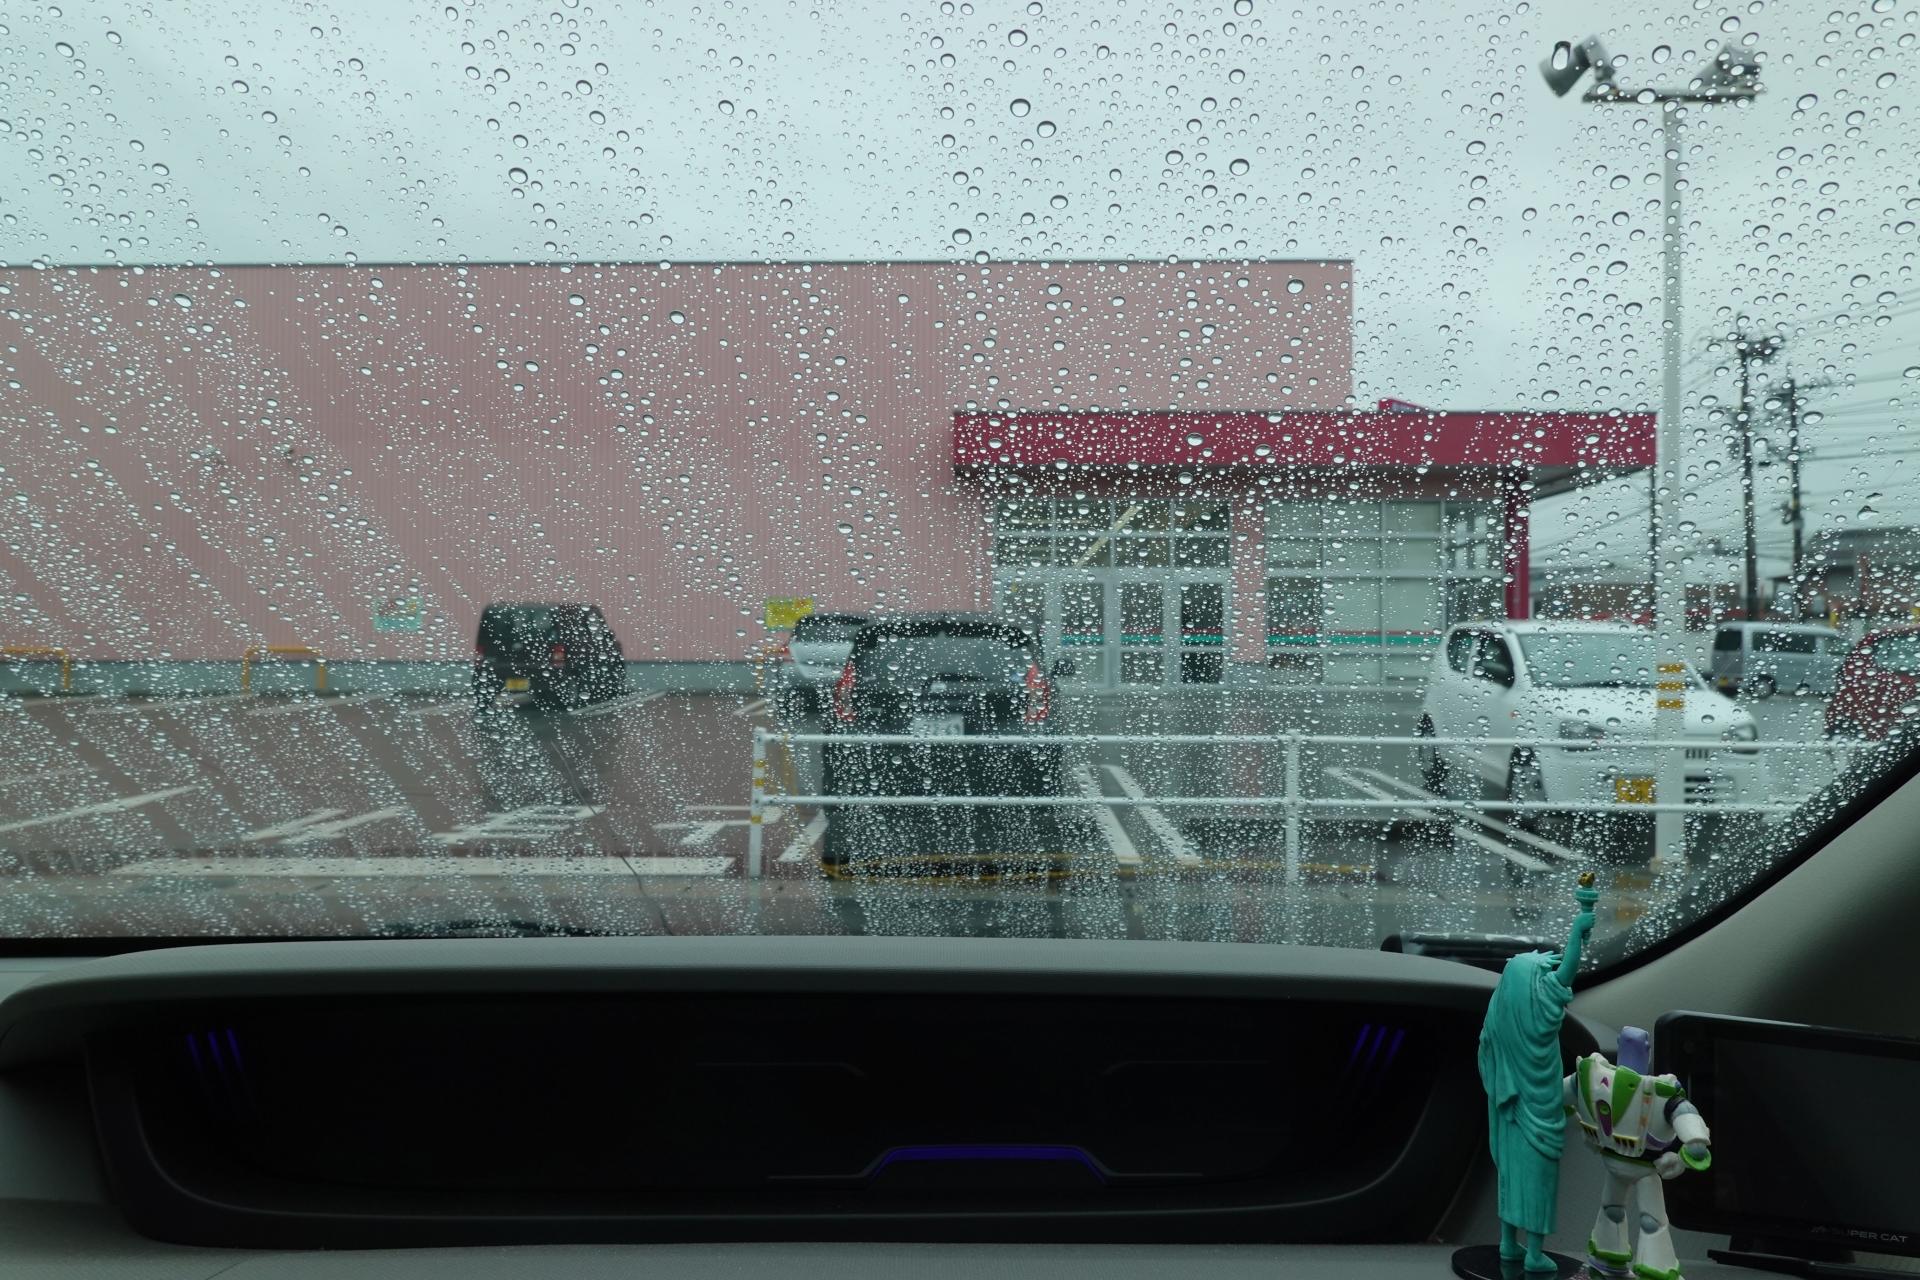 小雨のフロントガラス